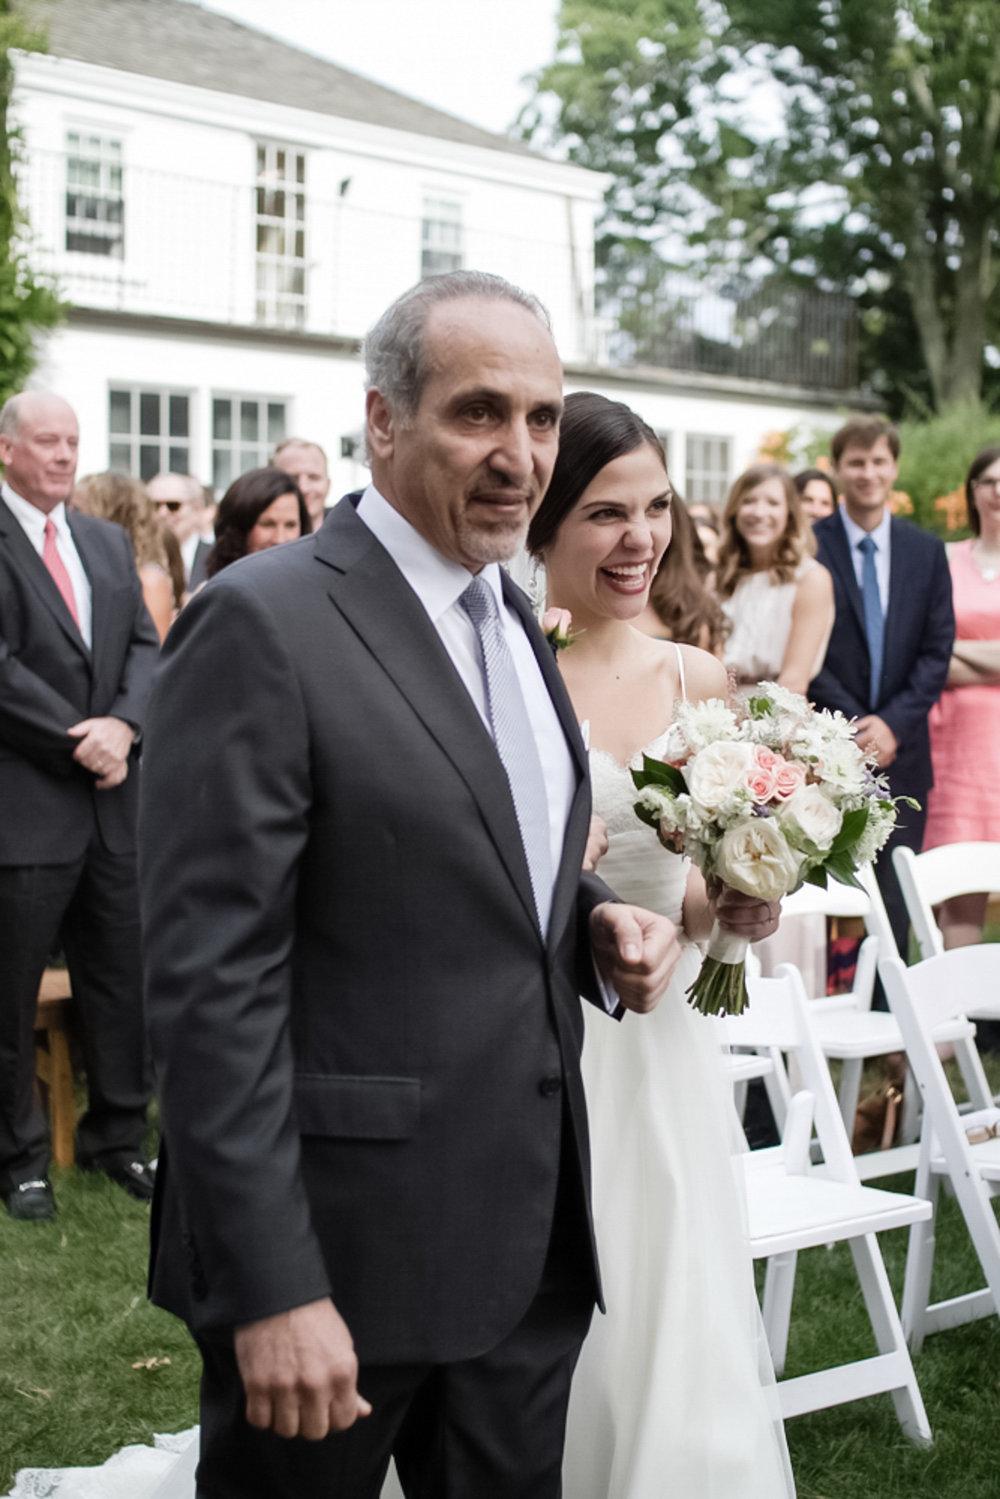 Hudson-valley-weddings-129.JPG